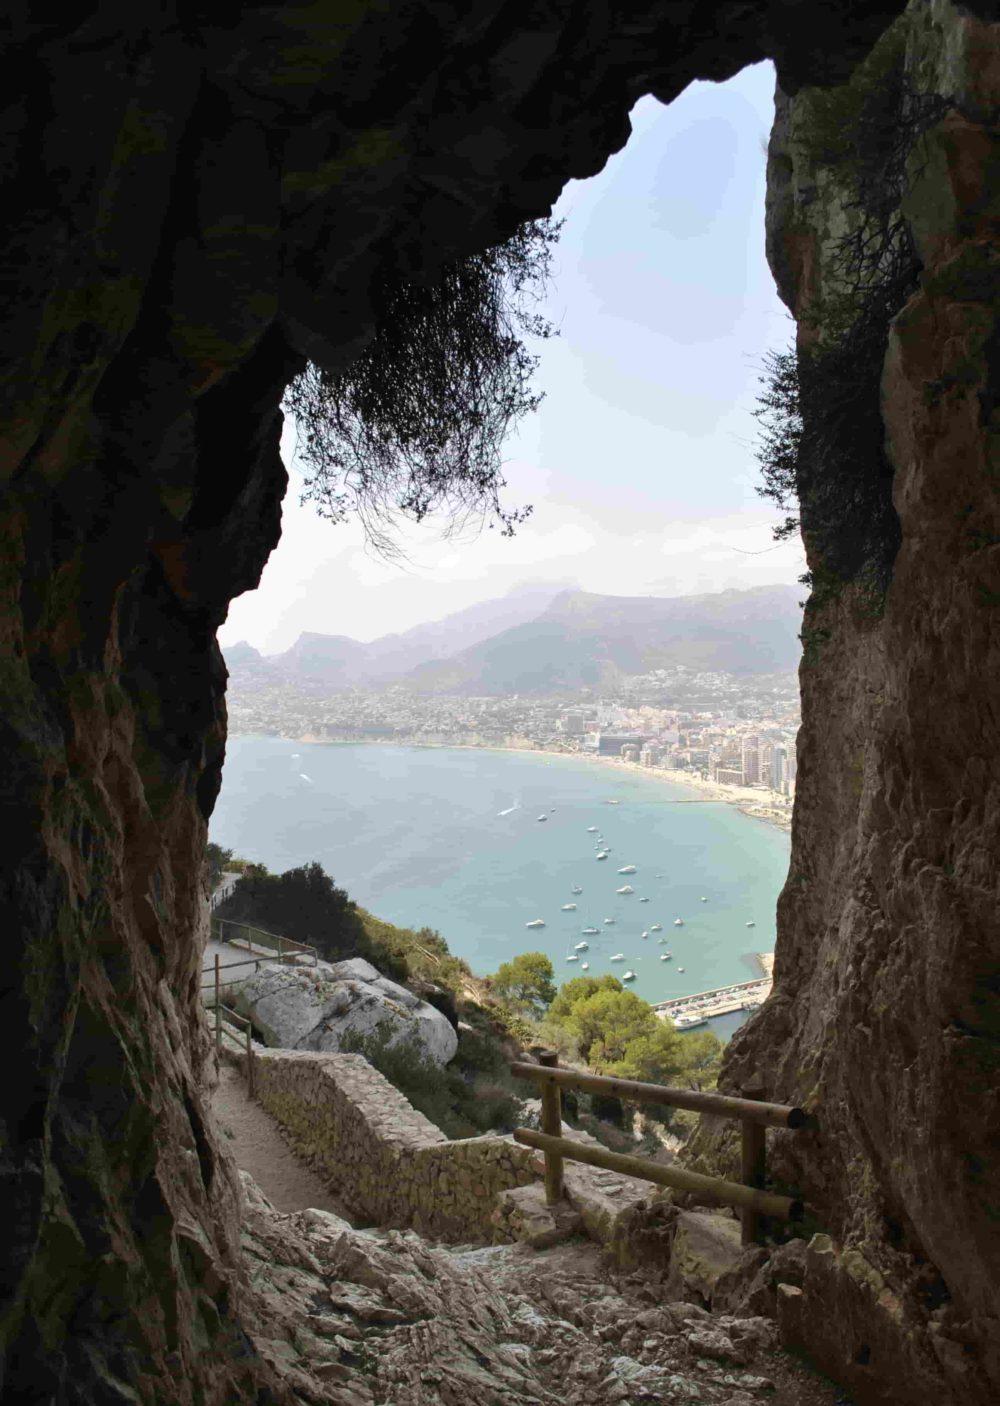 Visita su mirsura. Percorre le città marinare più importanti di valencia. le migliori visite di Valencia, i migliori tours per il centro storico e per la Città delle Arti e le Scienze, le migliori guide turistiche e rotte